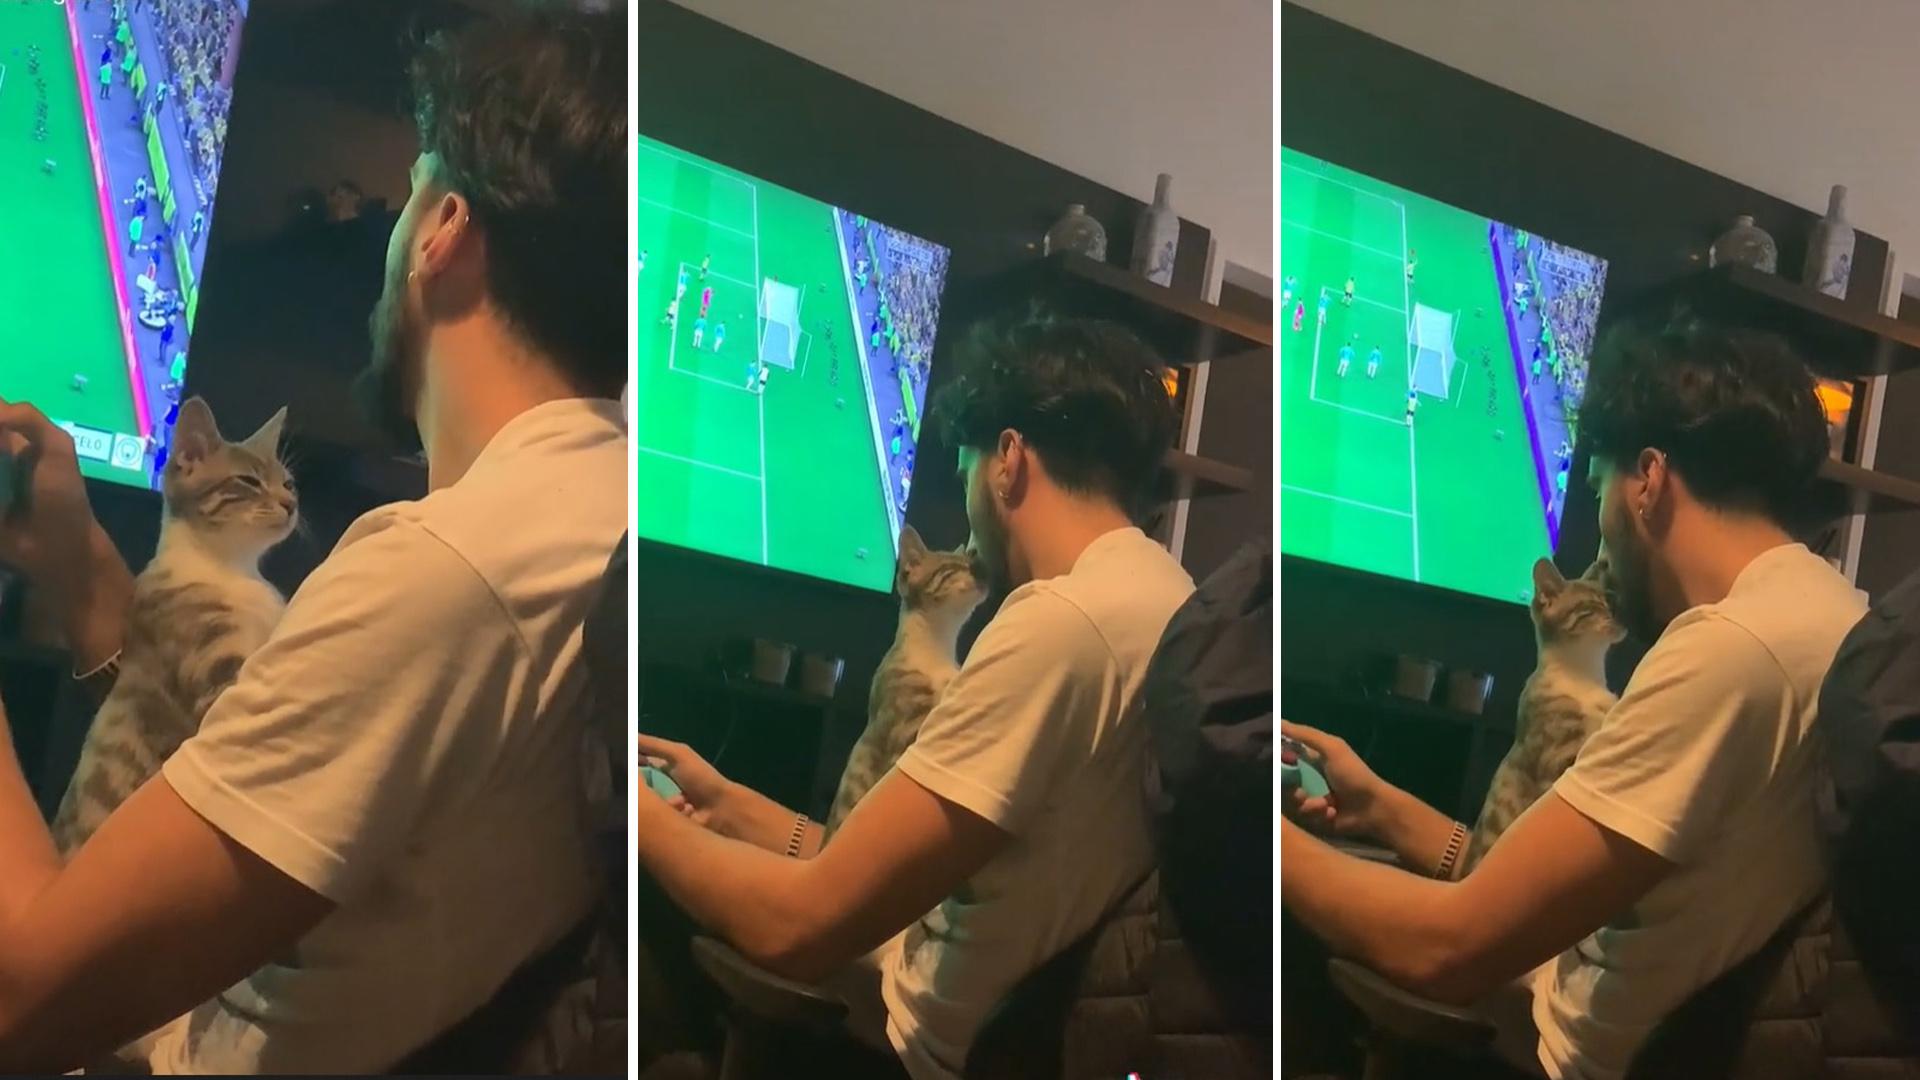 Gatinho ciumento quer a atenção do papai durante partida de videogame